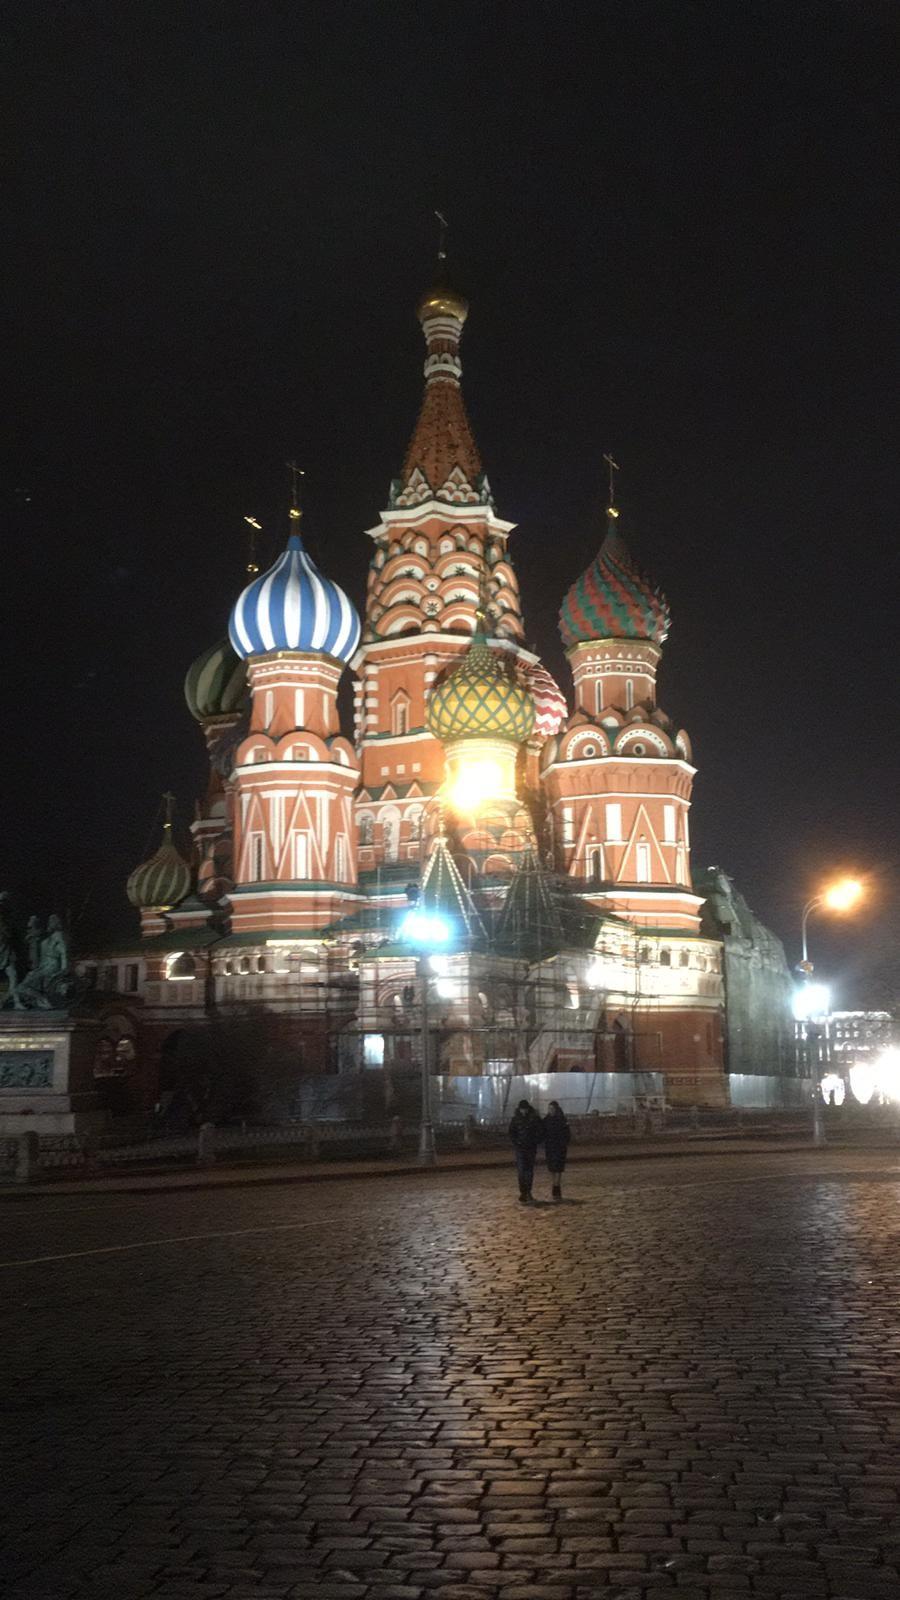 La nostra Napoli arriva in Russia, ed è tutto bellissimo - 27